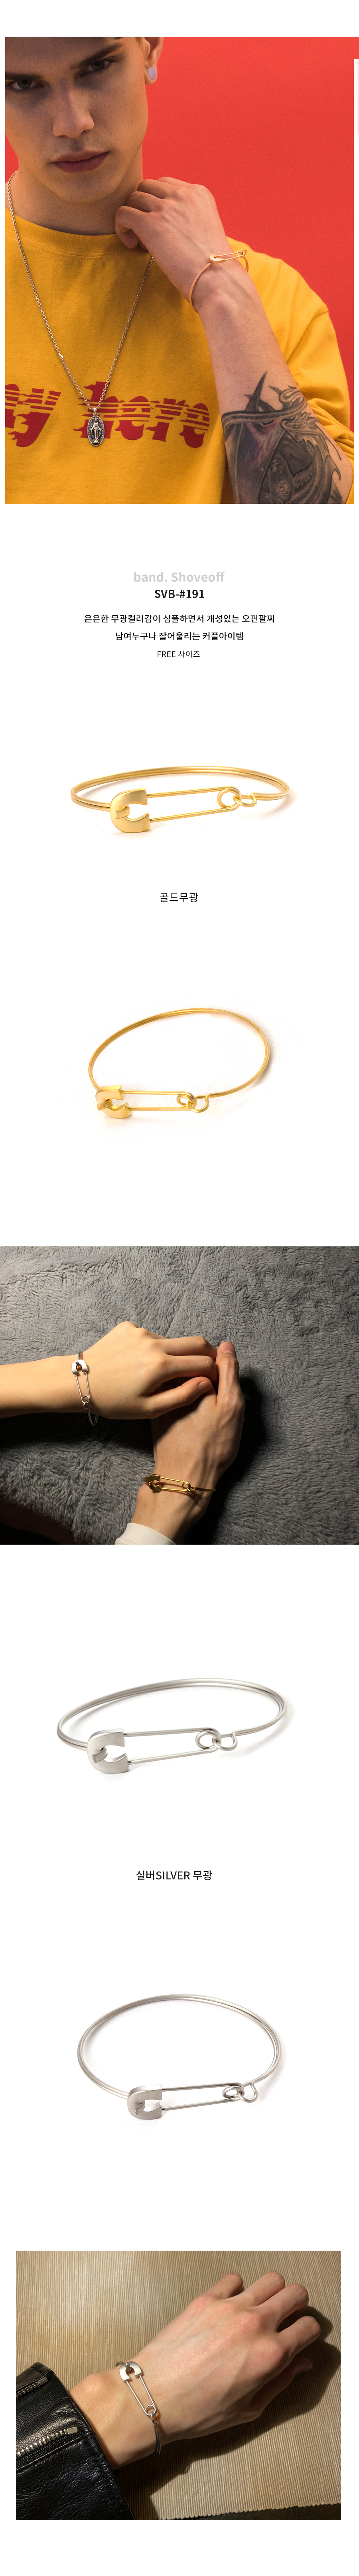 쇼브오프(SHOVEOFF) SVB-#191 옷핀 팔찌